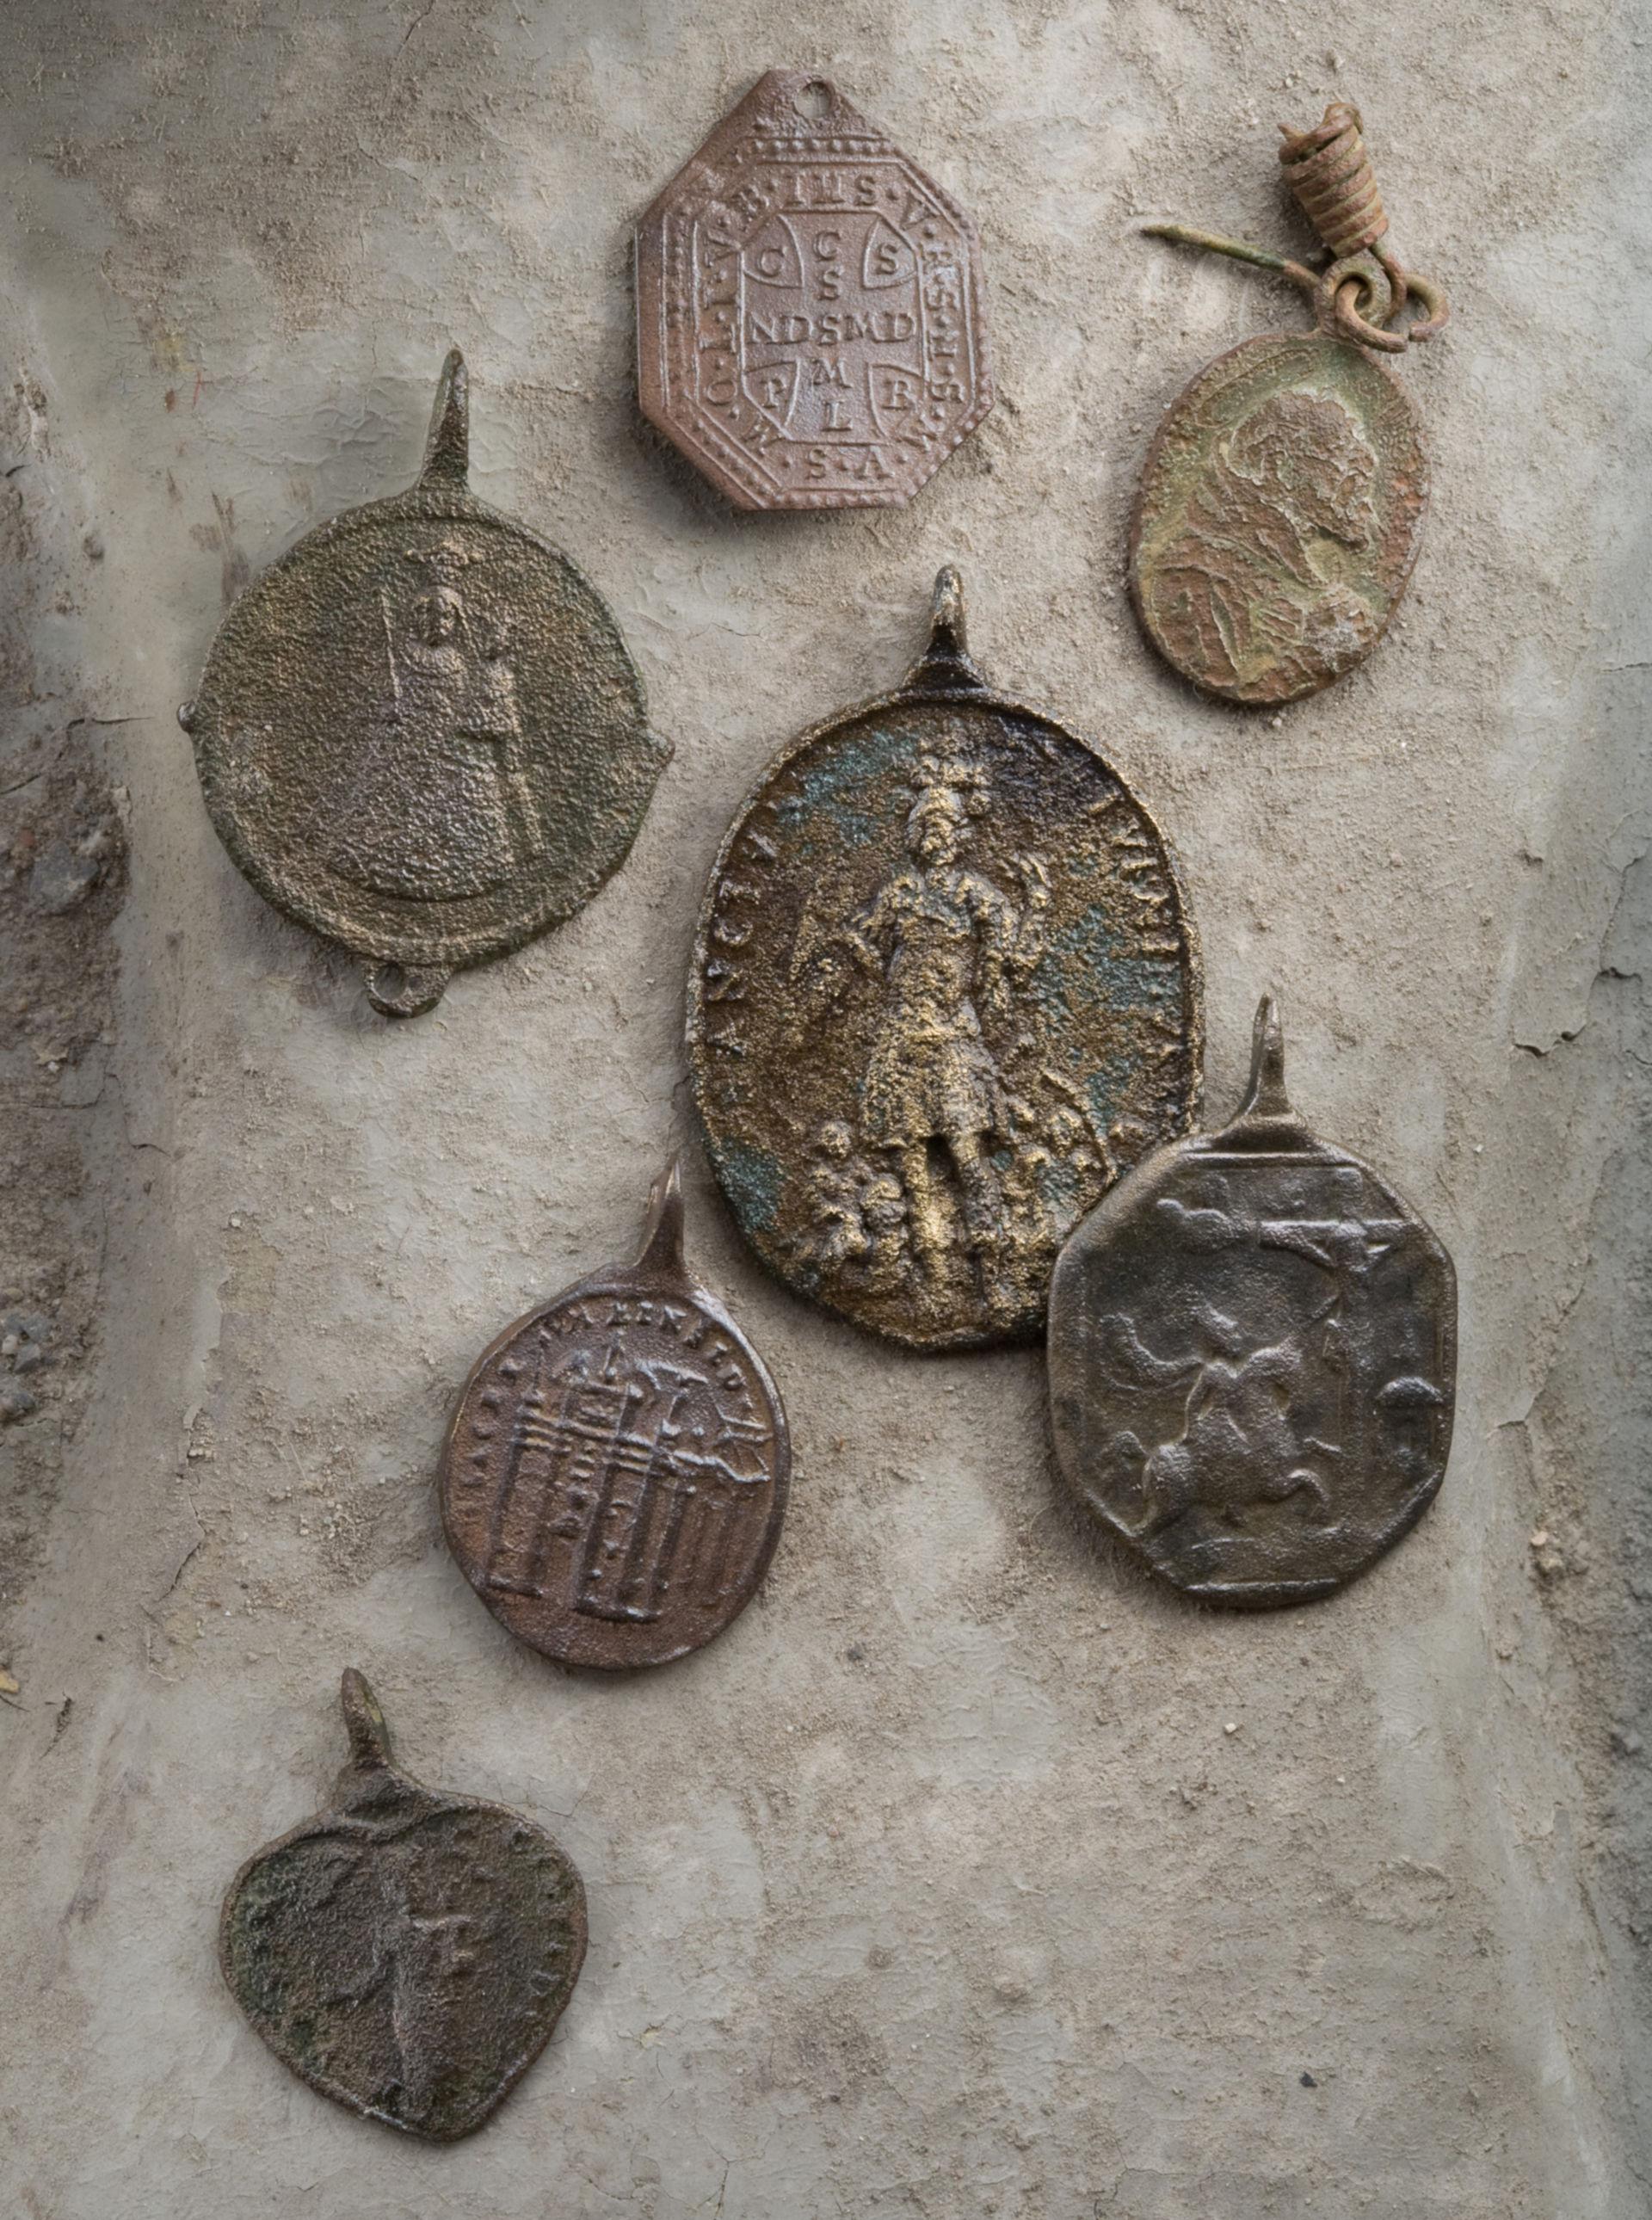 Zahlreiche Pilger besuchten Rheinau im 17. bis 19. Jahrhundert. Immer wieder verloren sie Abzeichen, die sie von einer ihrer Wallfahrten mitbrachten. Crédits photo : © Kantonsarchäologie Zürich).